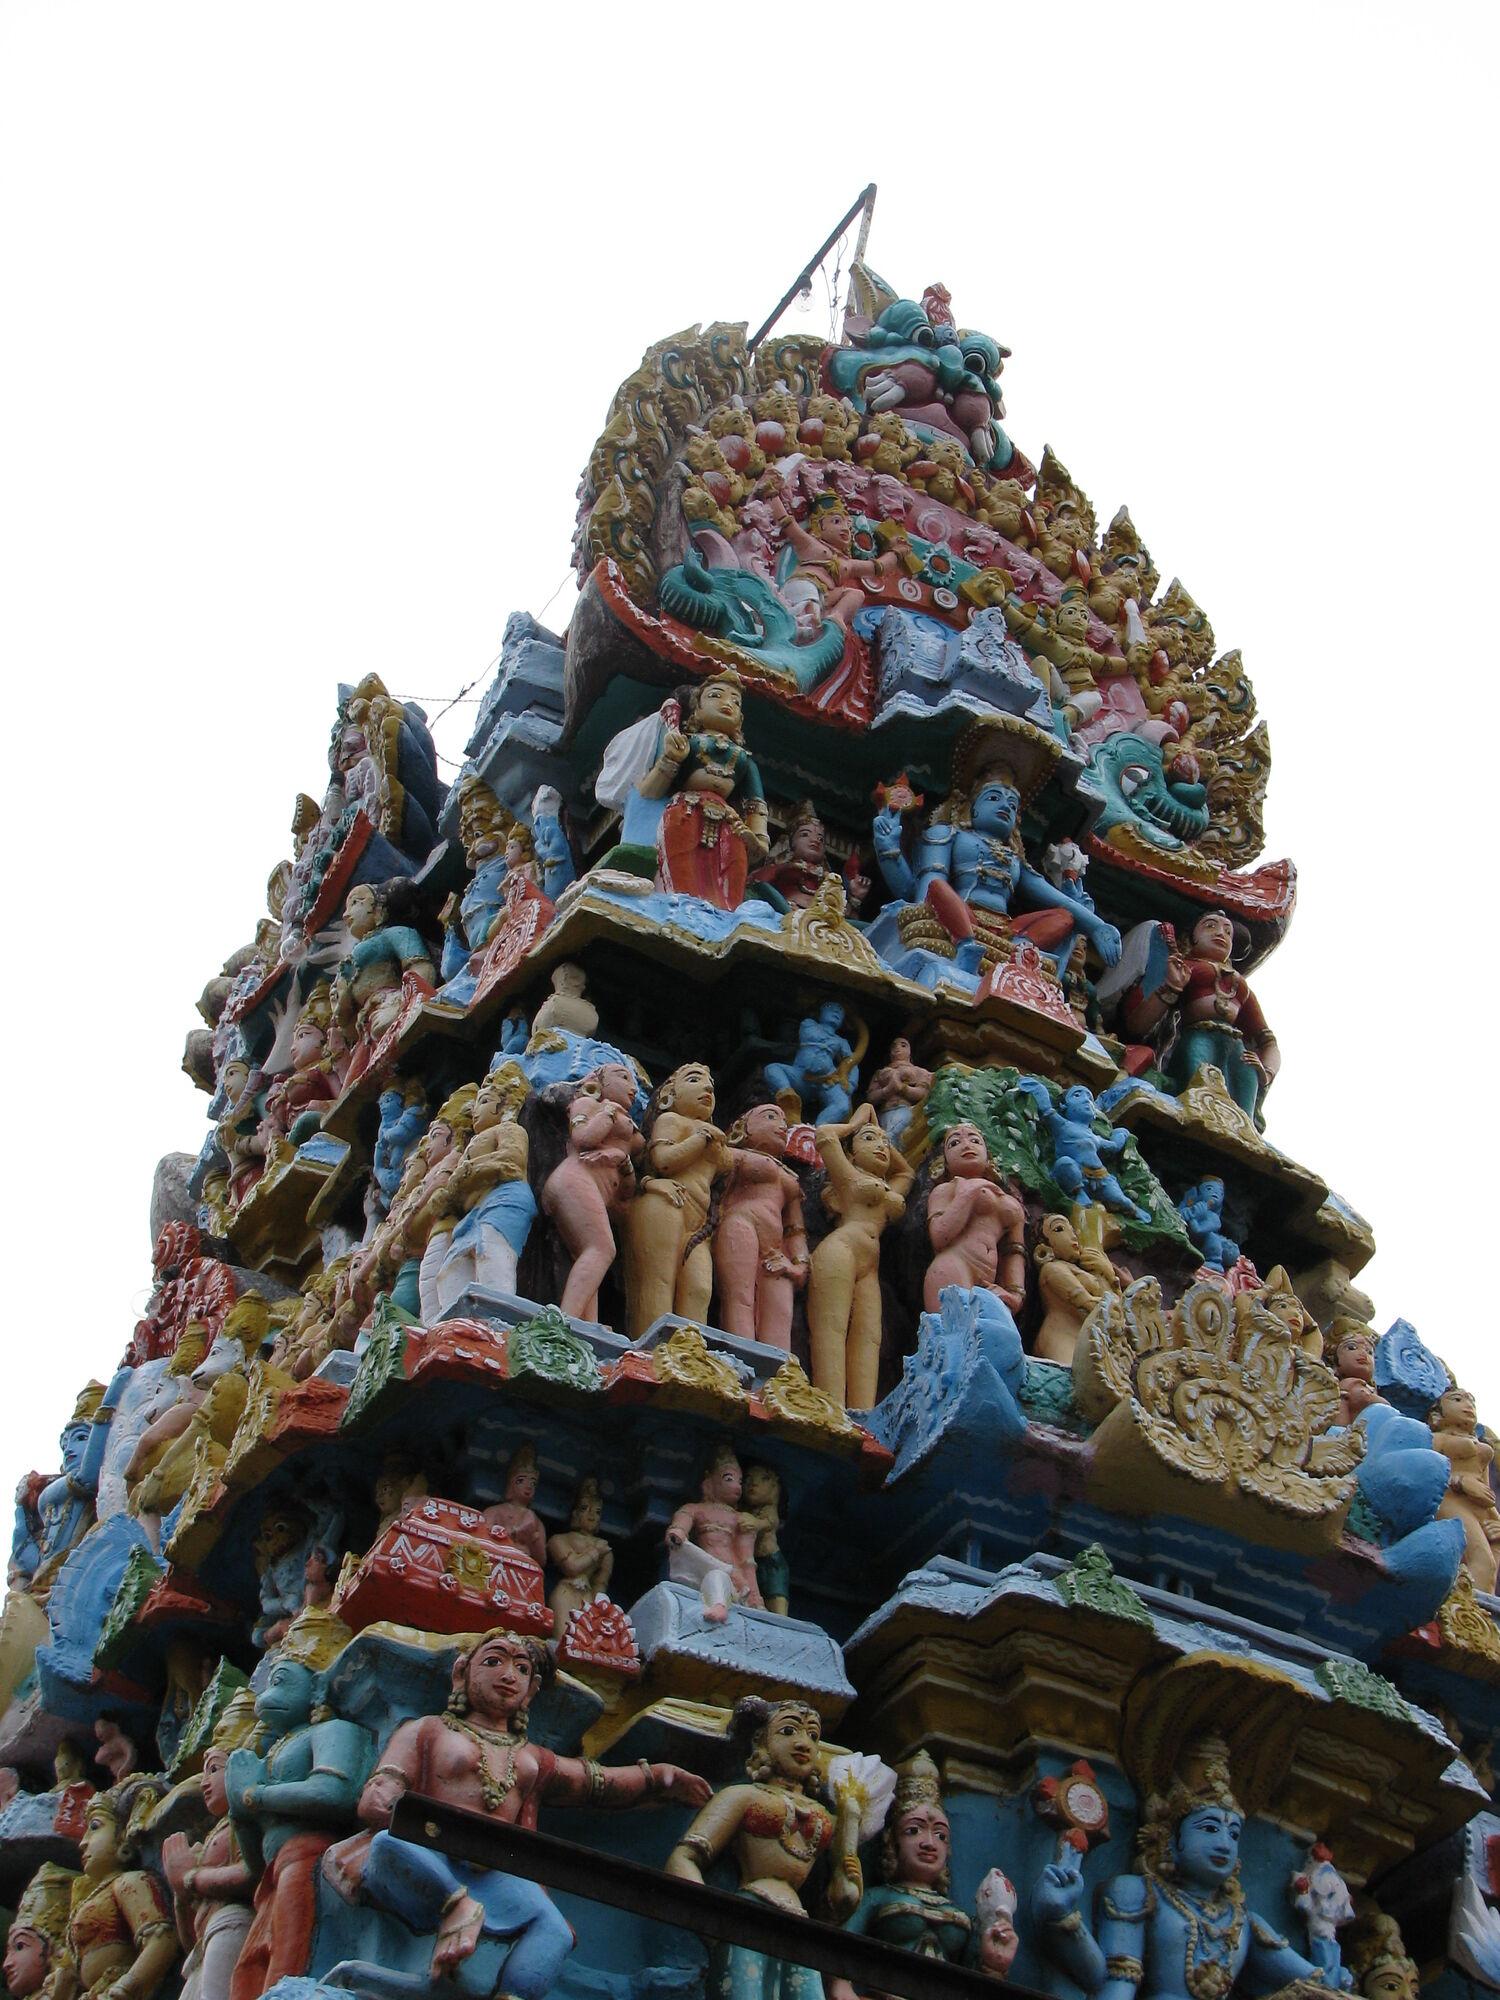 Боги на другом древнем храме также расцвечены преимущественно в желтые и синие цвета